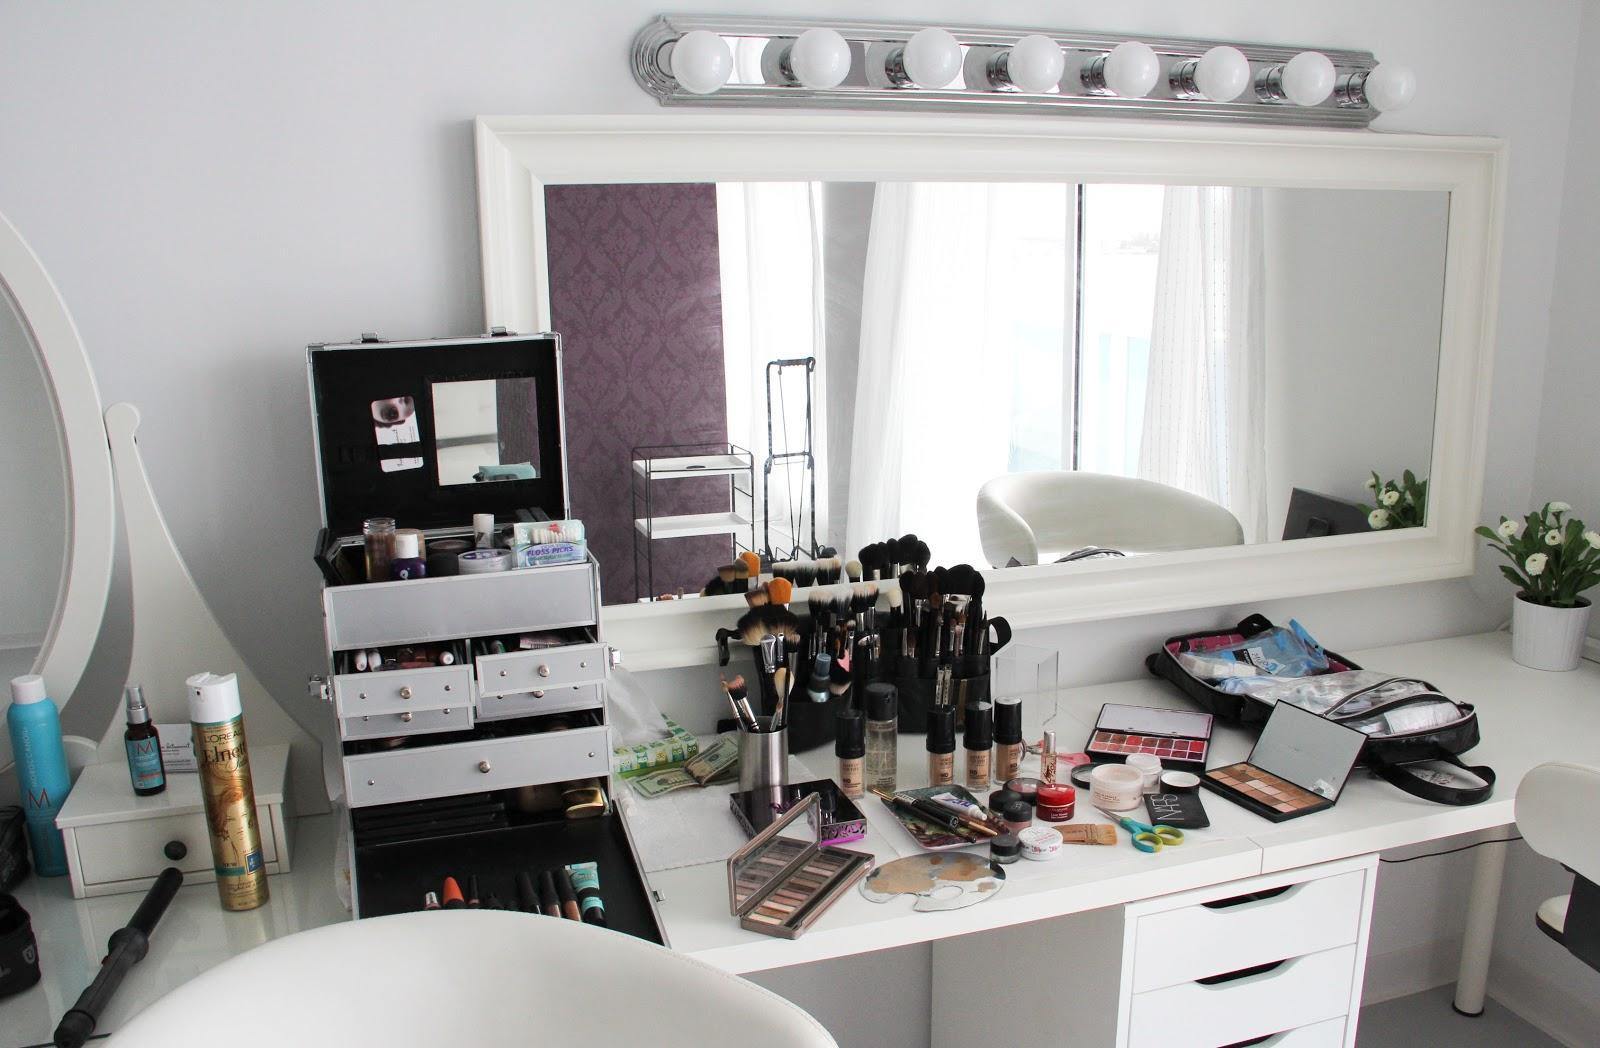 Susimakeup blog espa ol mi estudio de maquillaje - Estudio de maquillaje ...